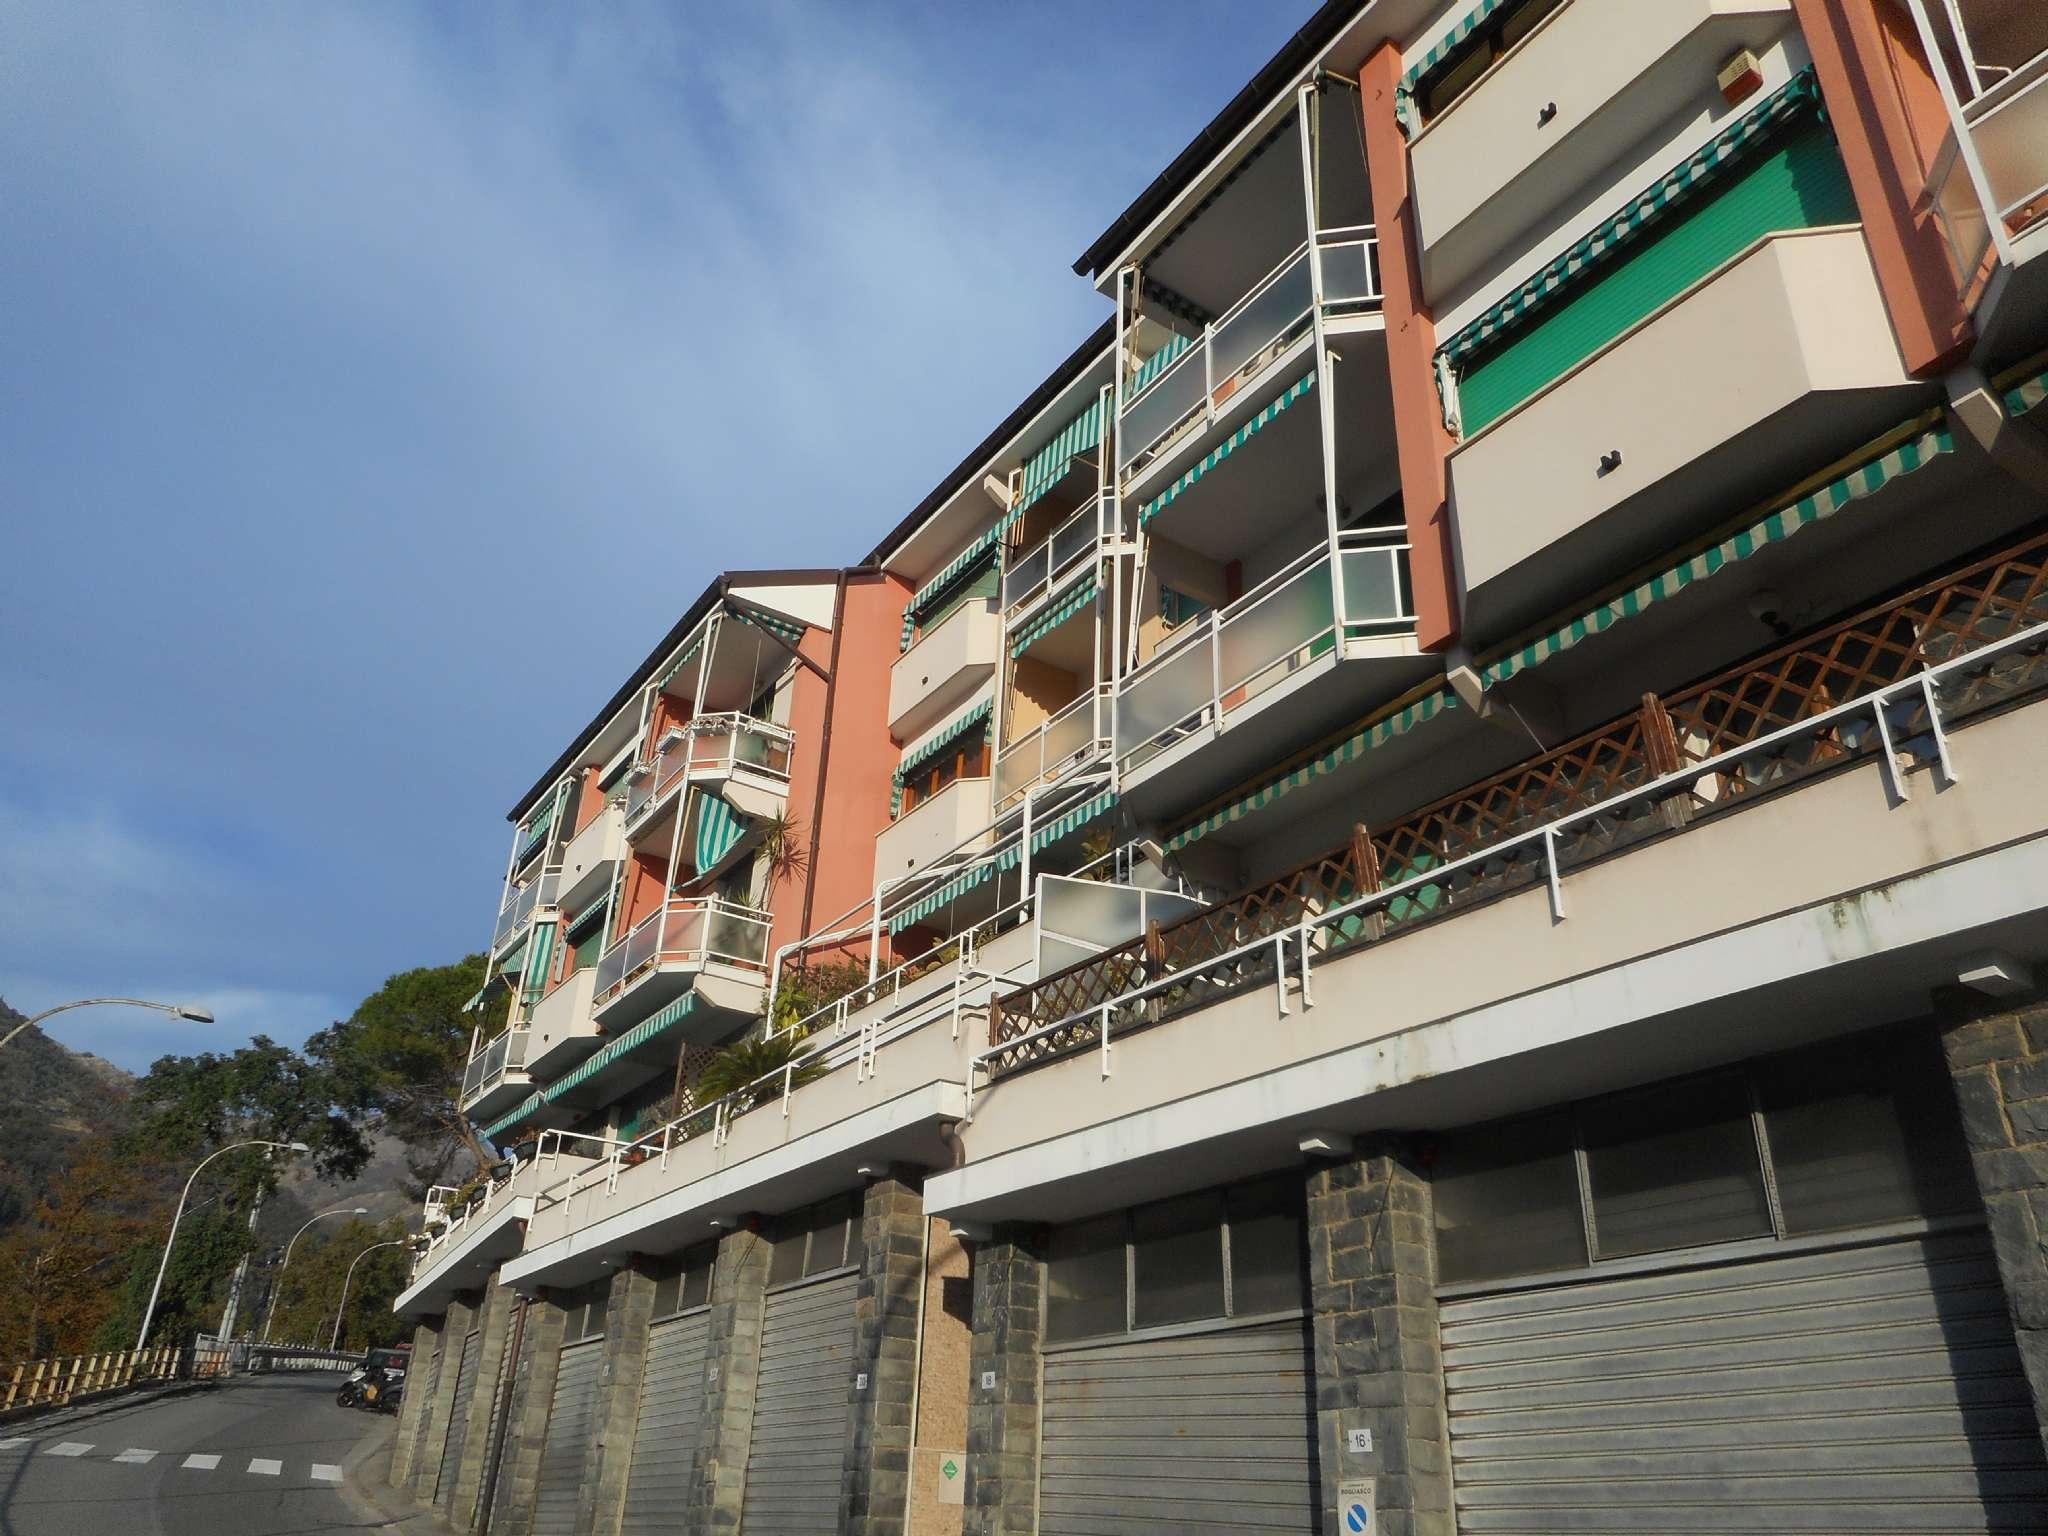 Appartamento in vendita a Bogliasco, 6 locali, prezzo € 310.000 | CambioCasa.it